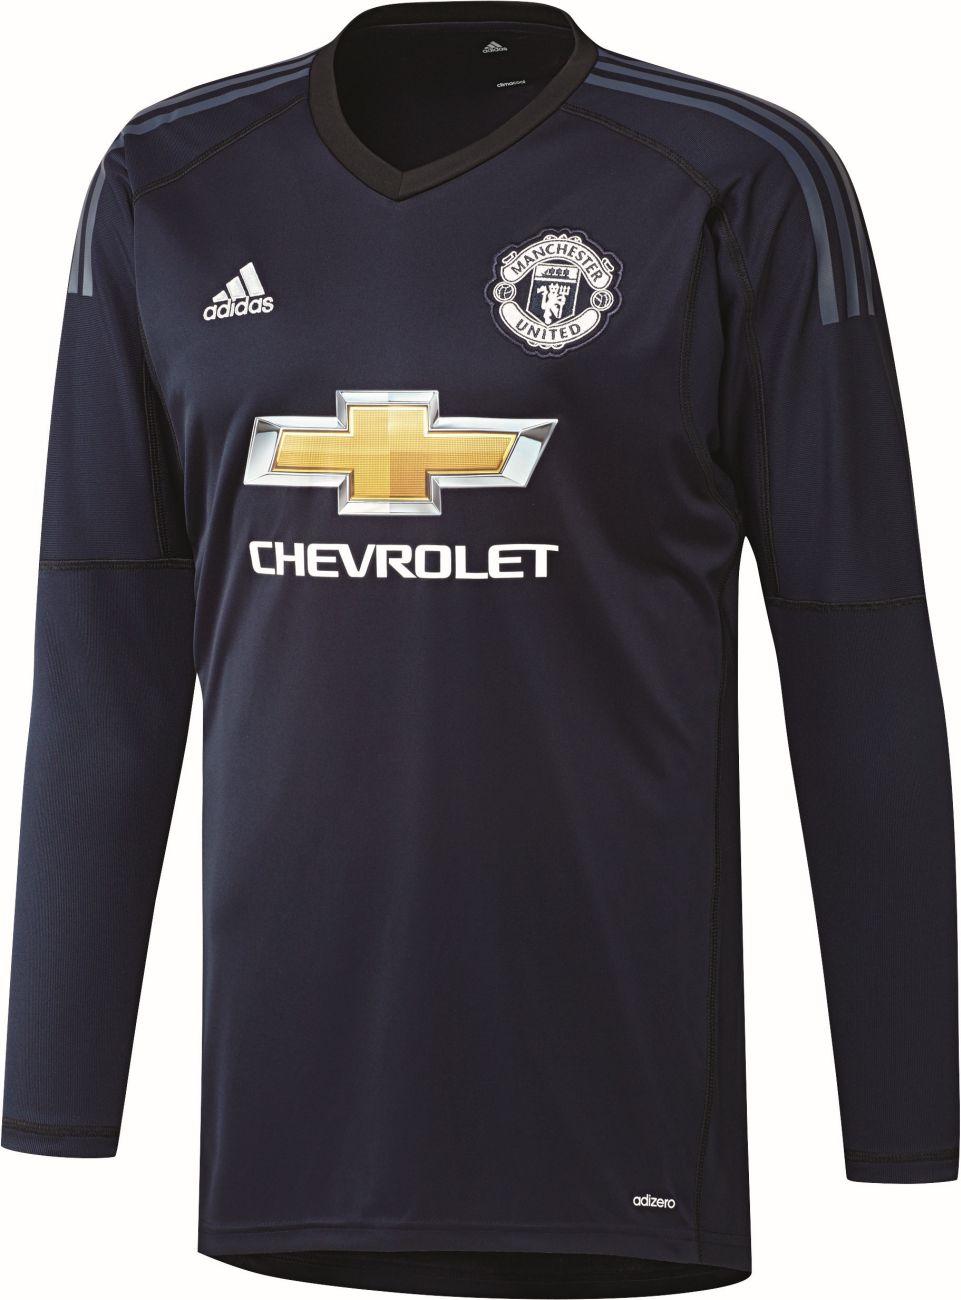 5430da00469 Manchester United Goalkeeper Jersey 2017-18